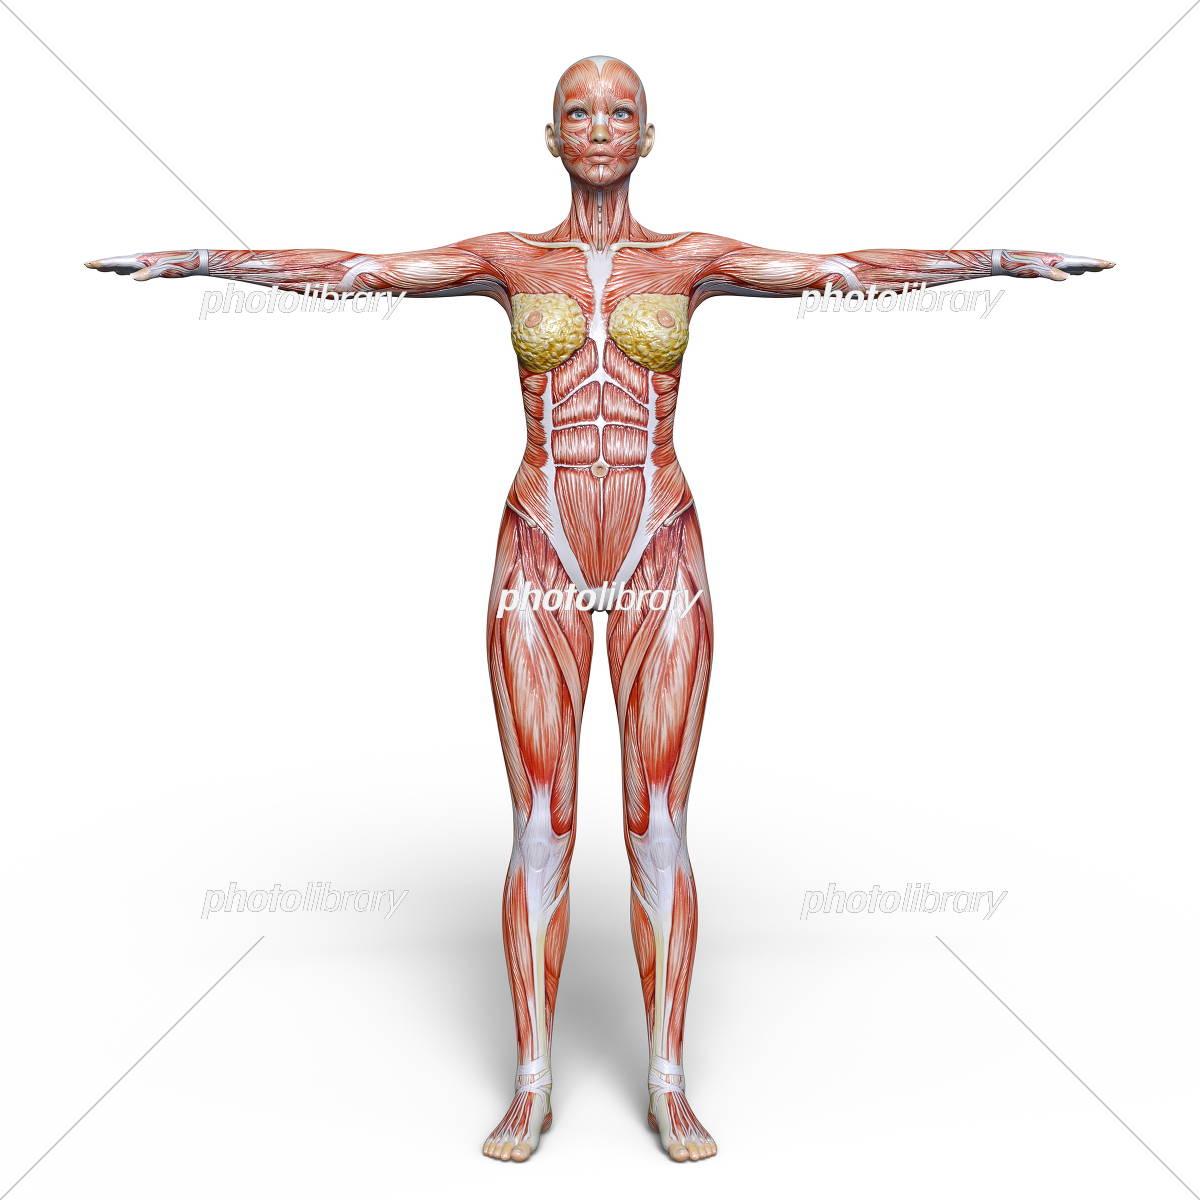 女性人体模型 イラスト素材 [ 5480516 ] - フォトライブラリー photolibrary